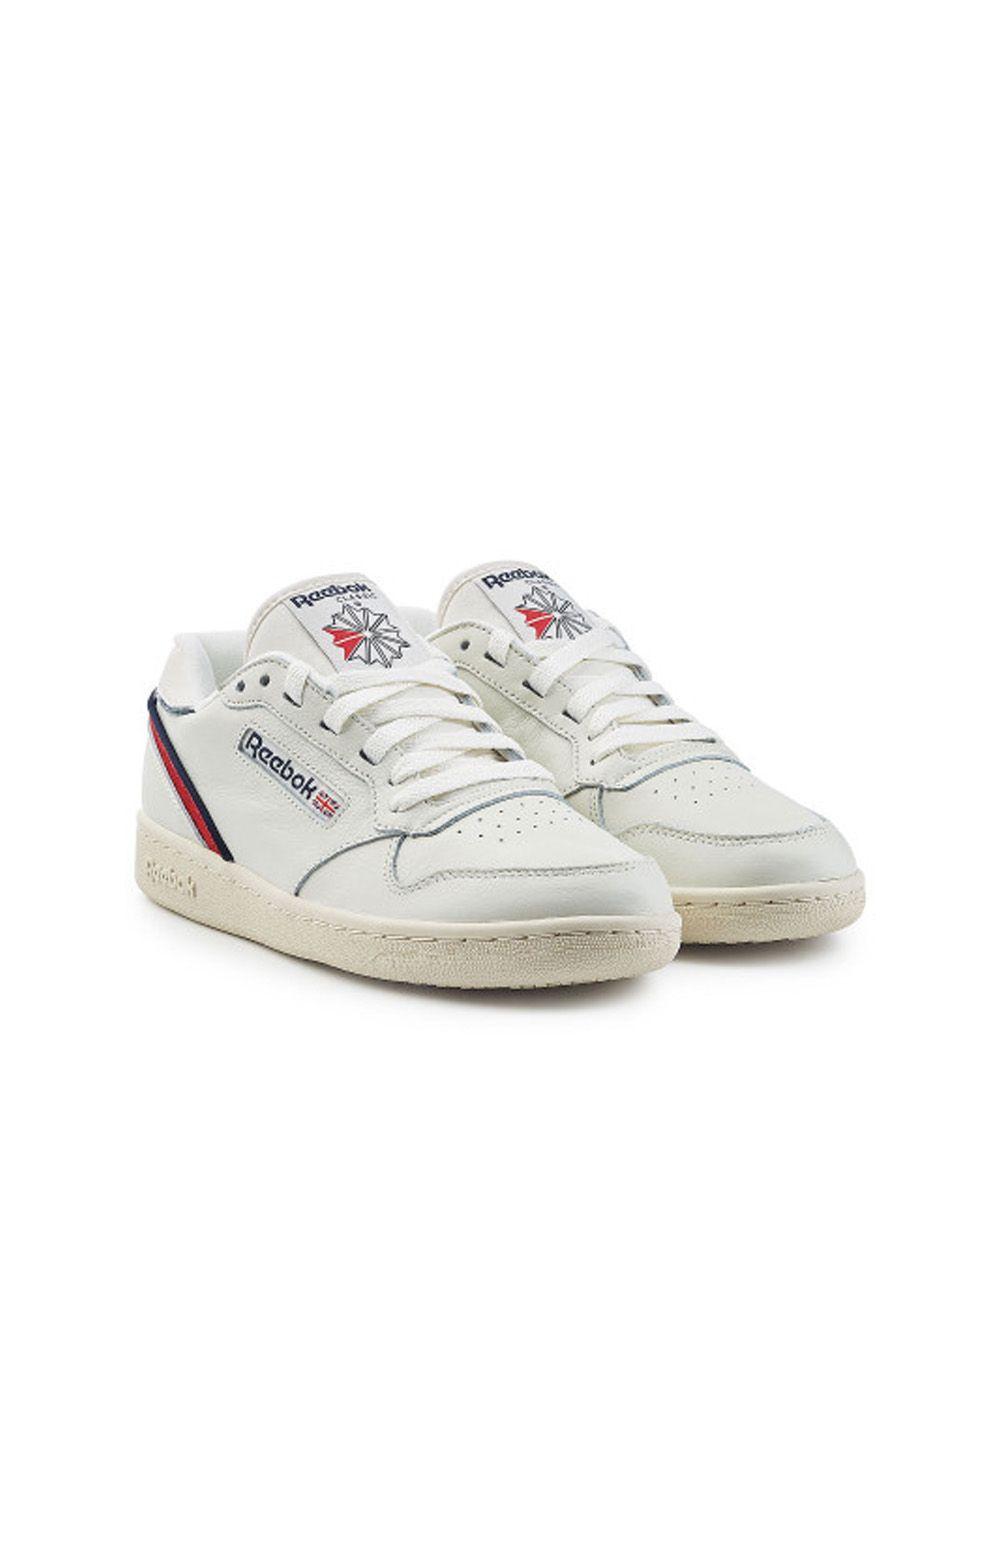 2b88679eb4cdbe ... Schuhe Trends 2019 by mybestbrands. Reebok Sneaker erfahren dieses Jahr  ein fulminantes Comeback. Entdecken Sie hier die coolsten Modelle.